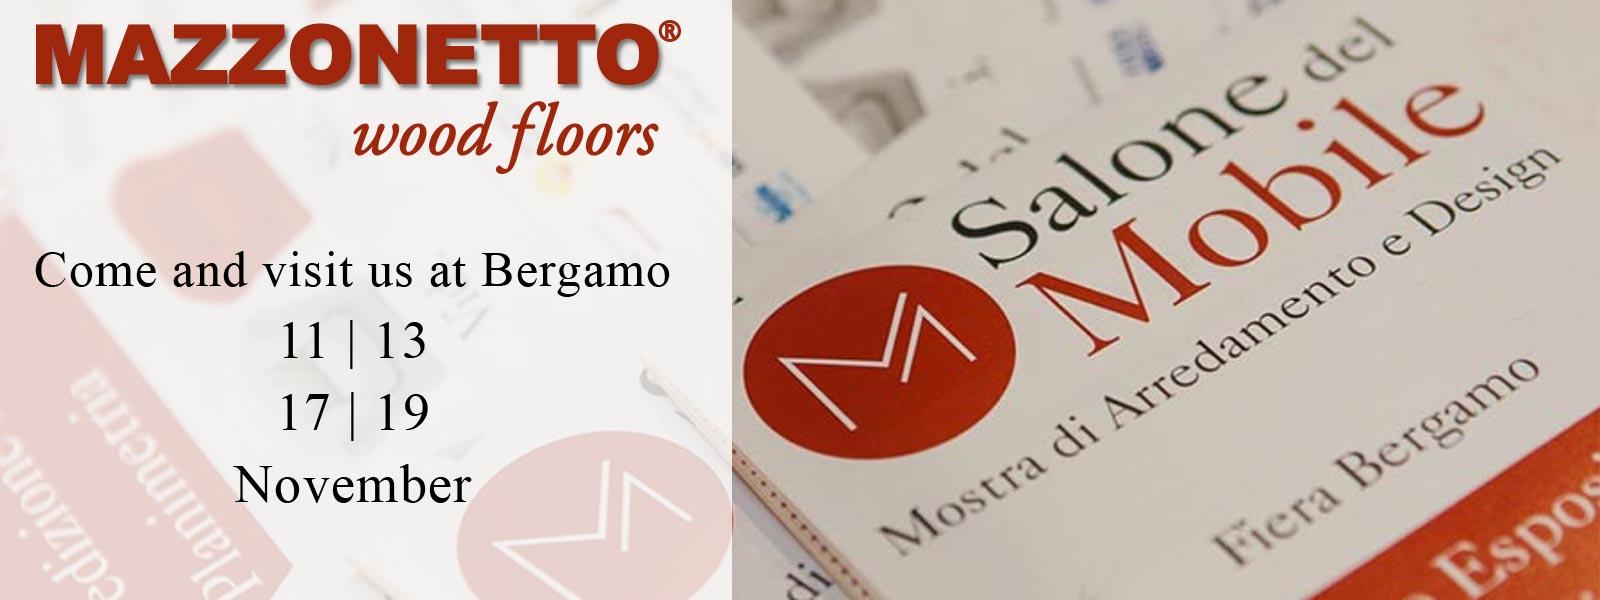 Salone del mobile bergamo italy for Fiera del mobile a bergamo